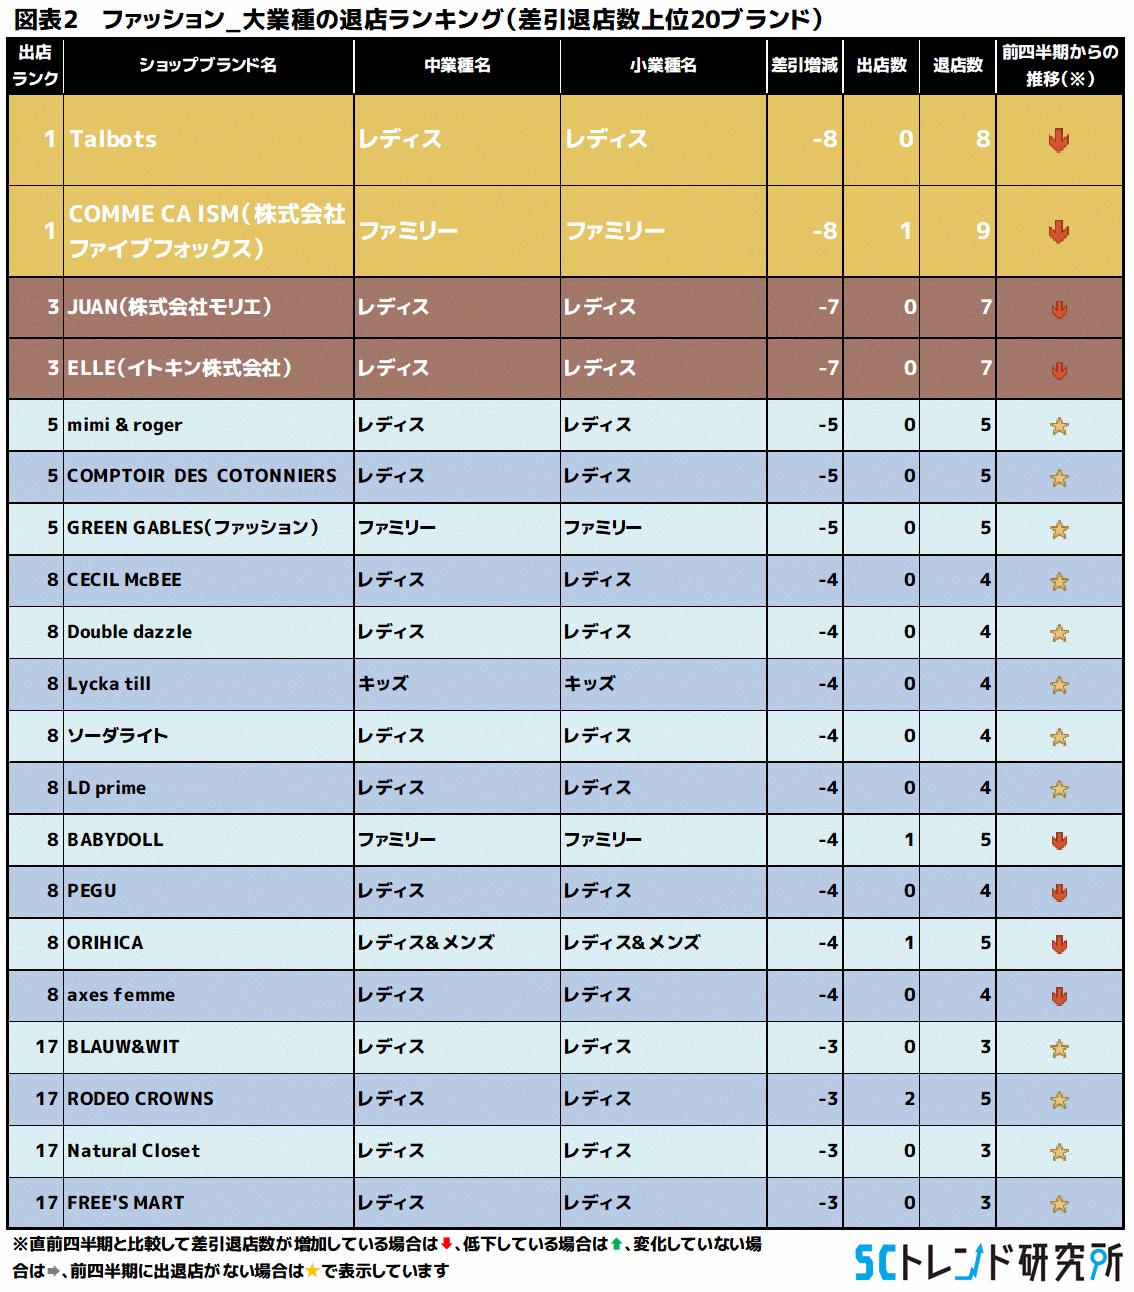 図表2 ファッション_大業種の退店ランキング(差引退店数上位20ブランド)